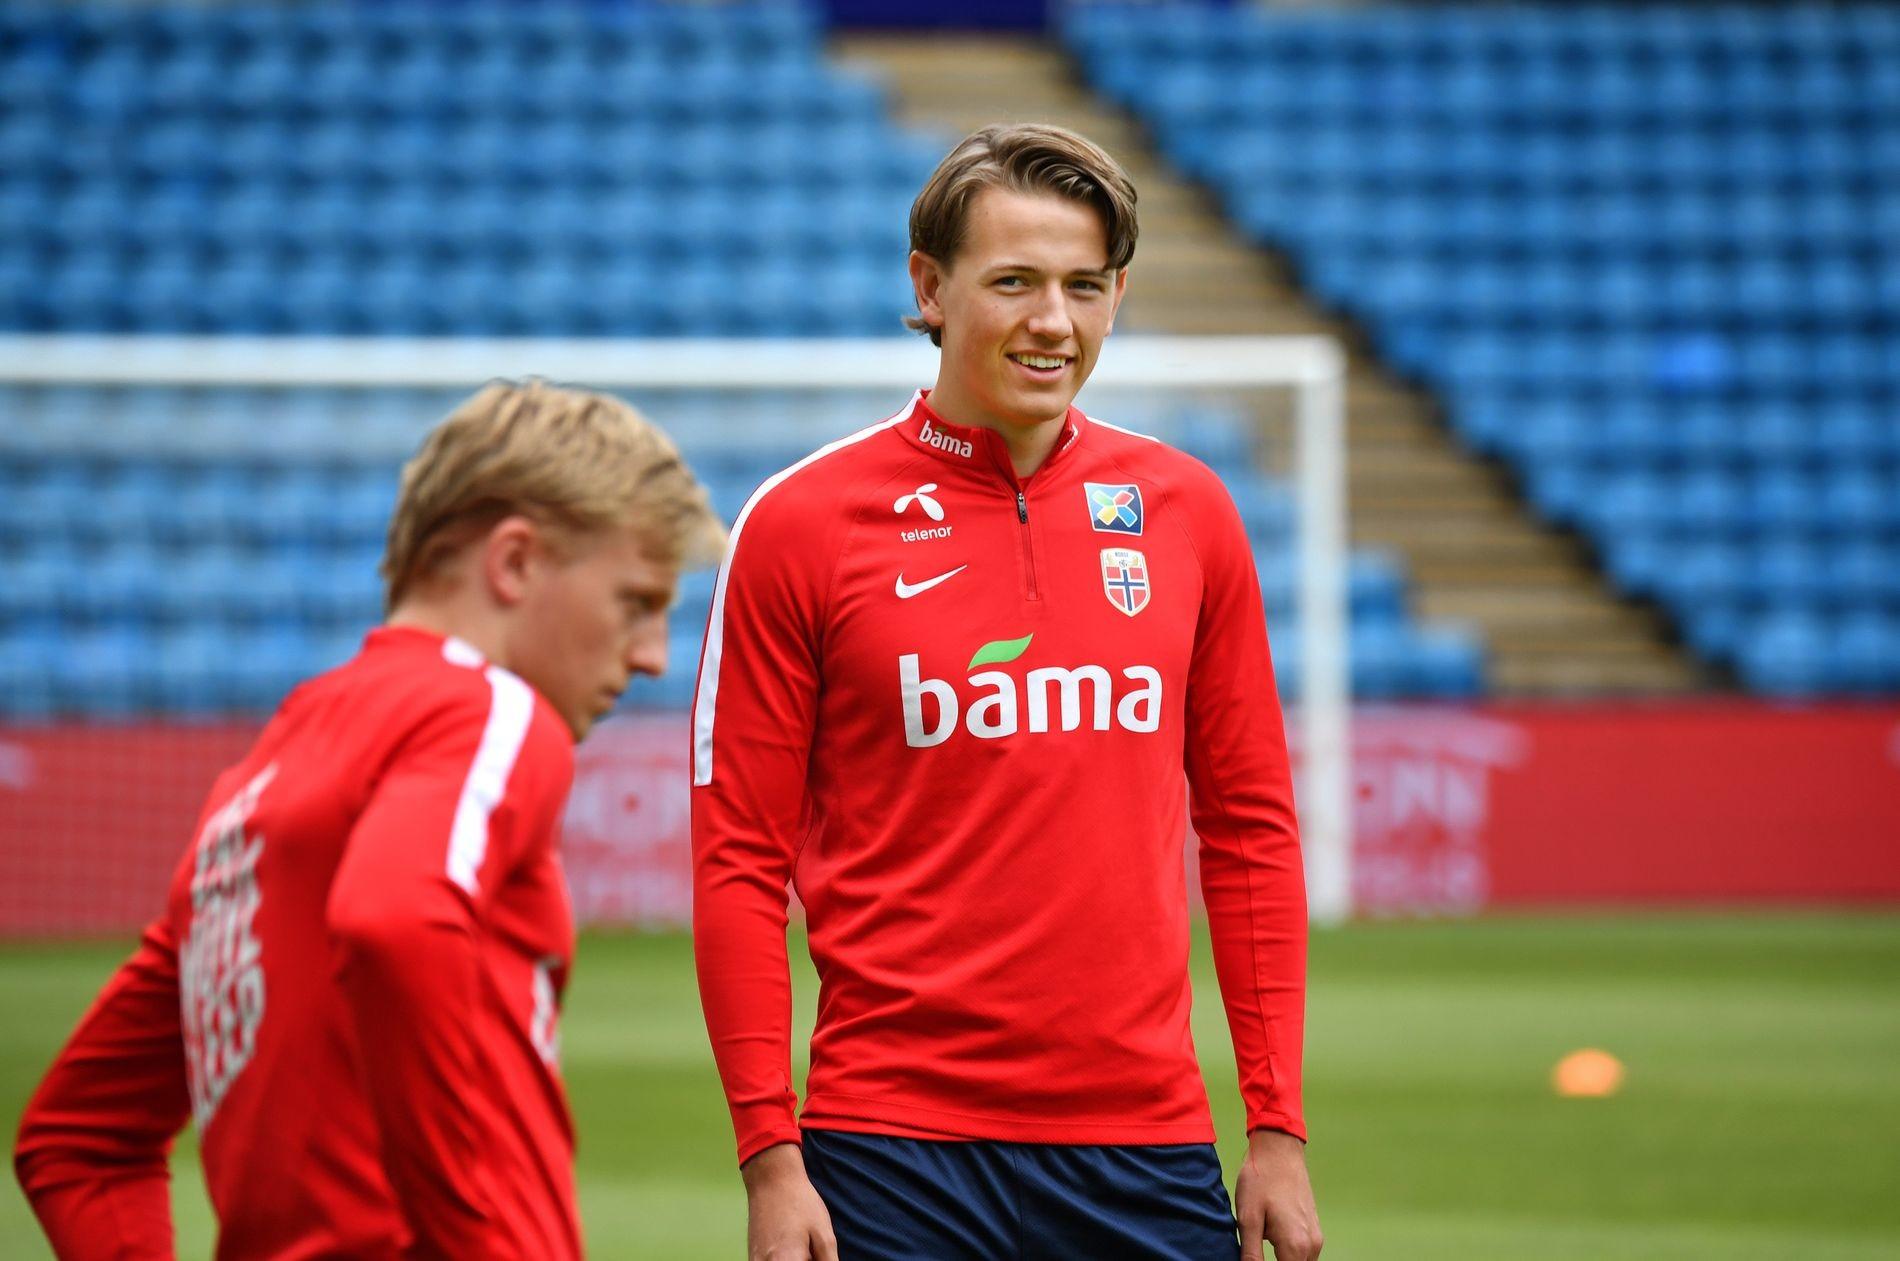 O nich będzie głośno: Sander Berge – norweska nadzieja na lepsze jutro